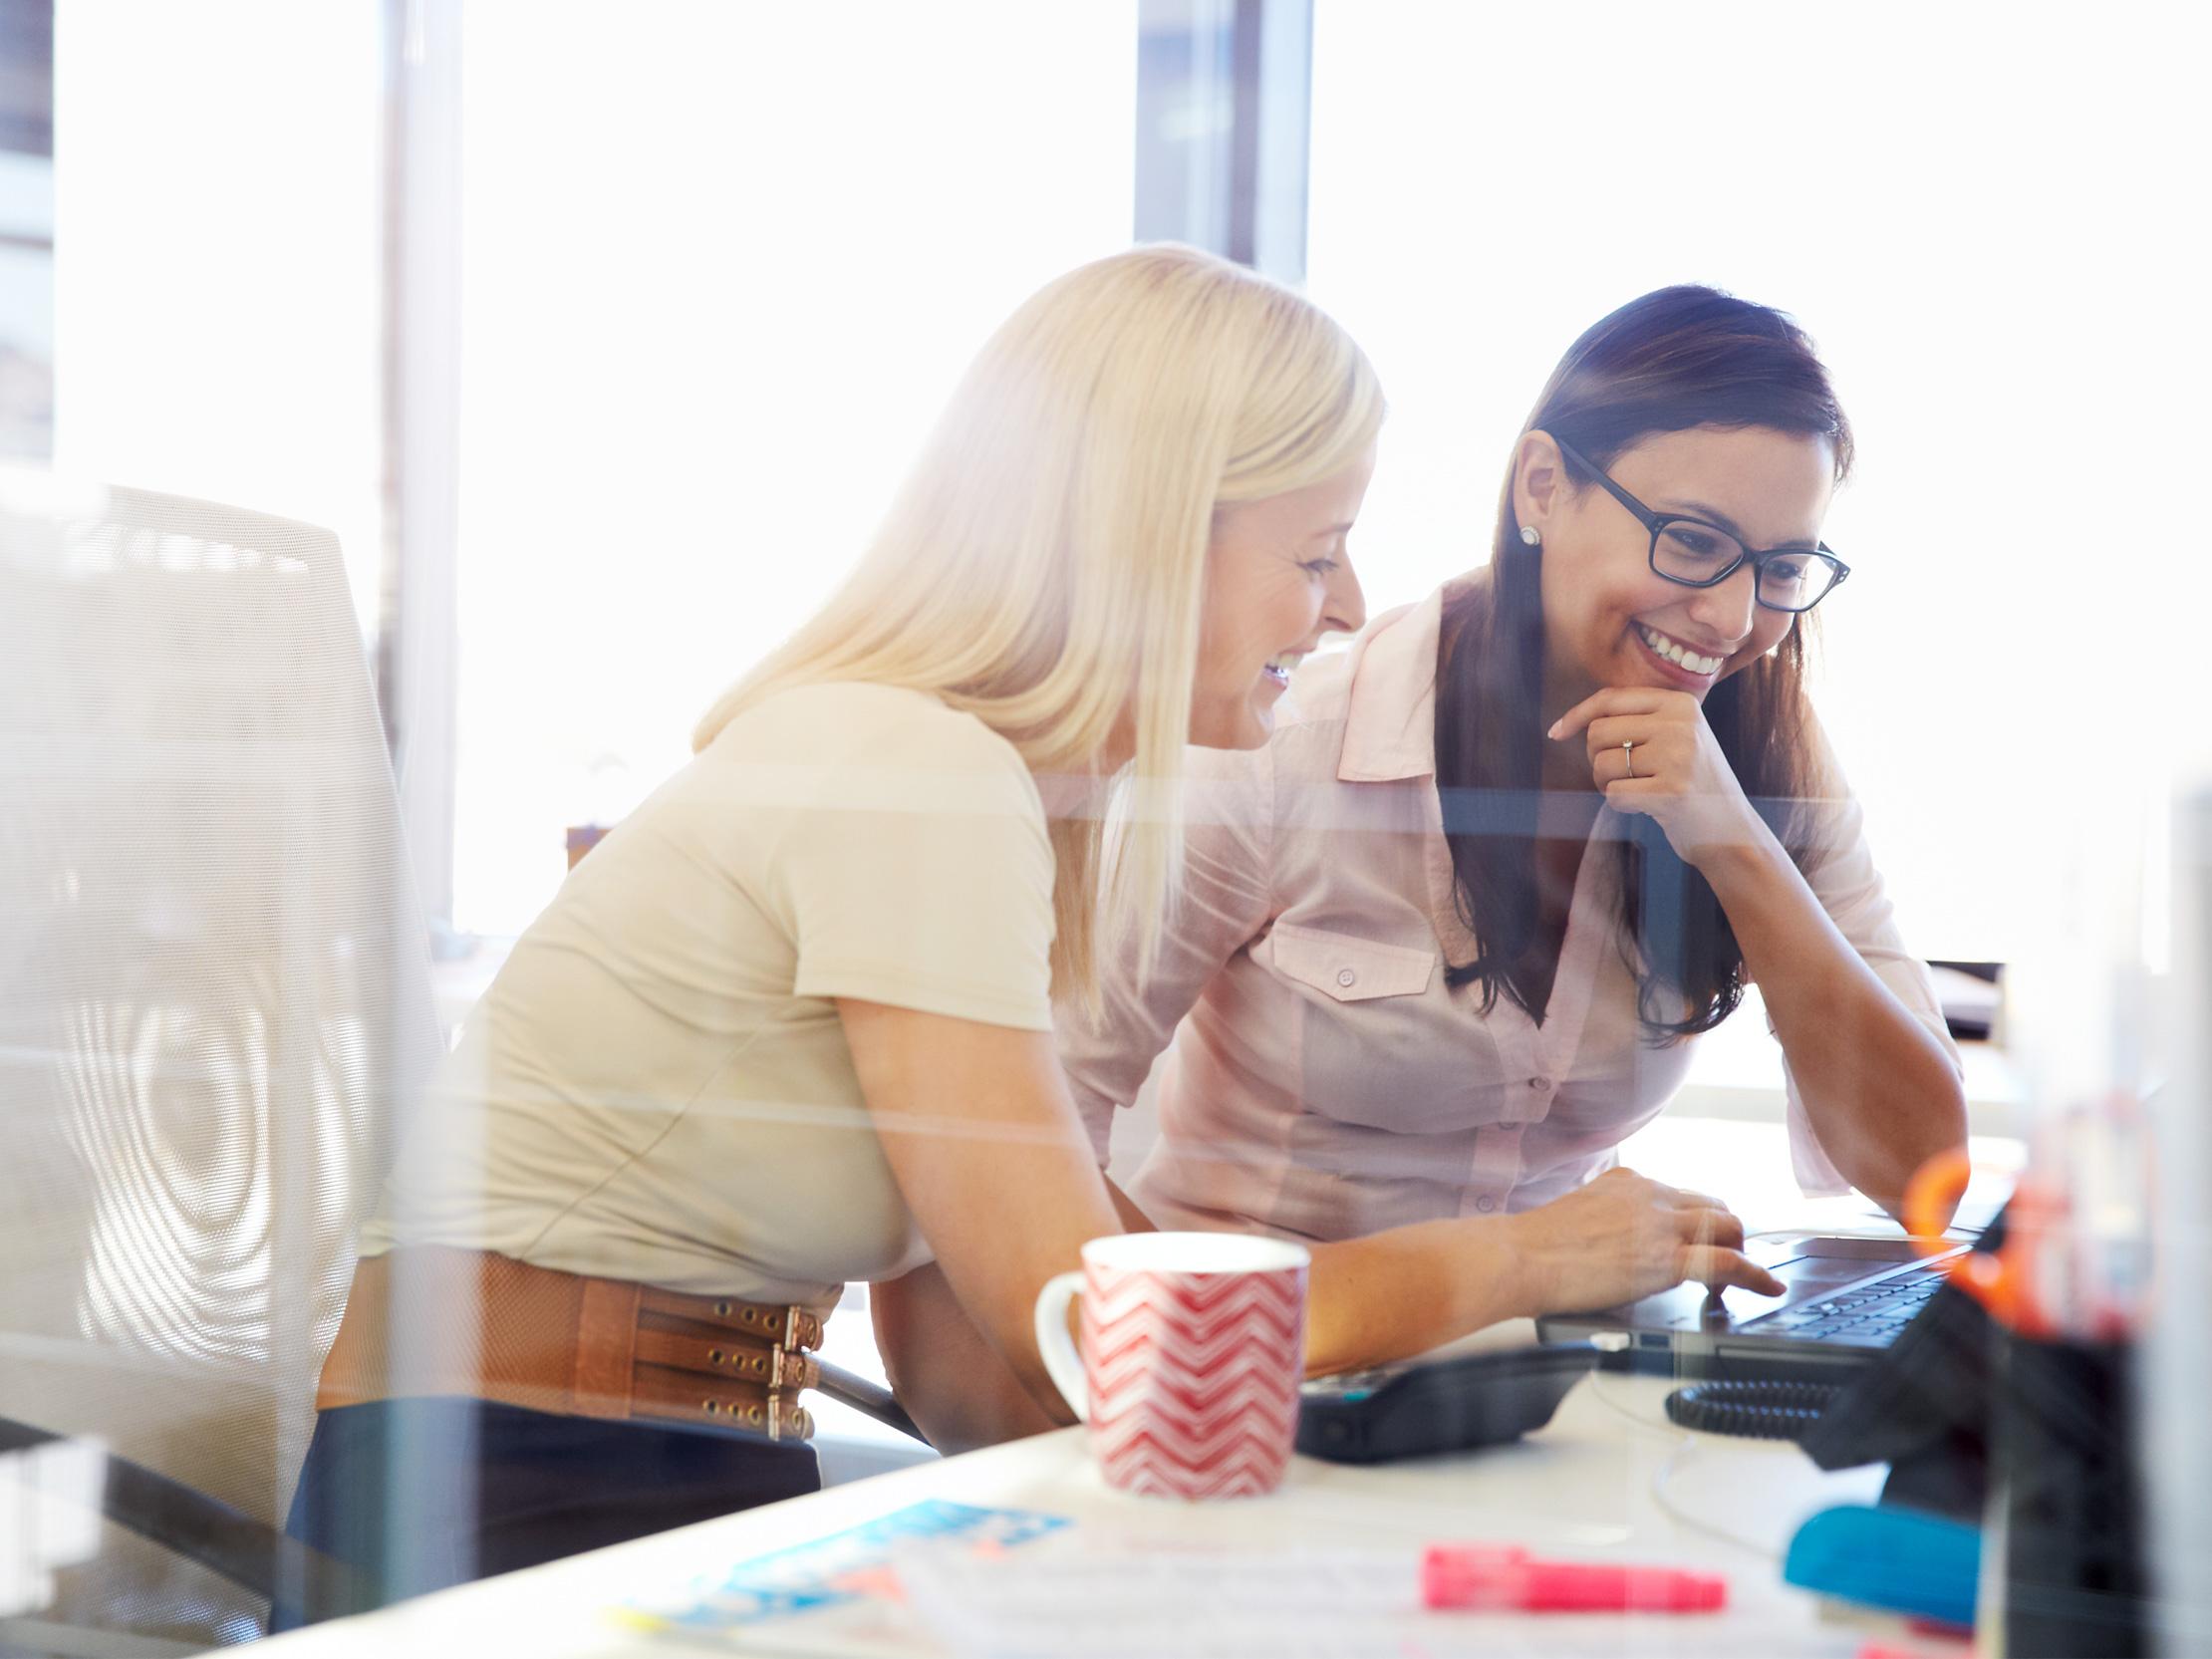 Få 8 tips til at kombinere effektivitet med trivsel i arbejdslivet